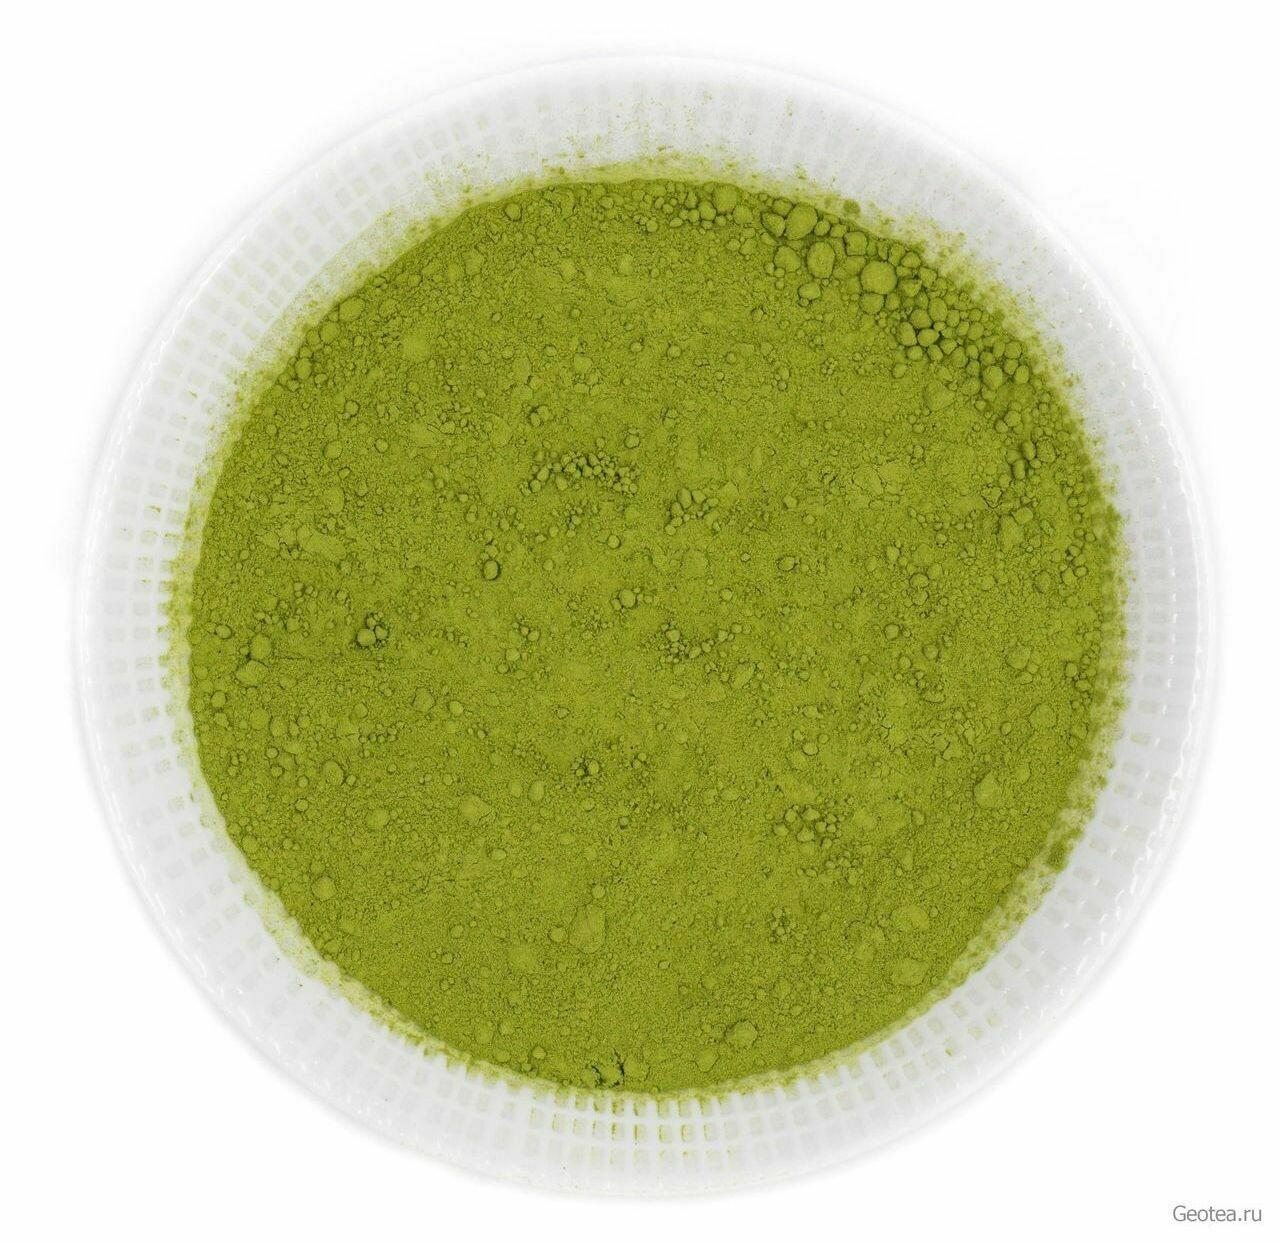 Чай Зеленый Порошковый Матча #7